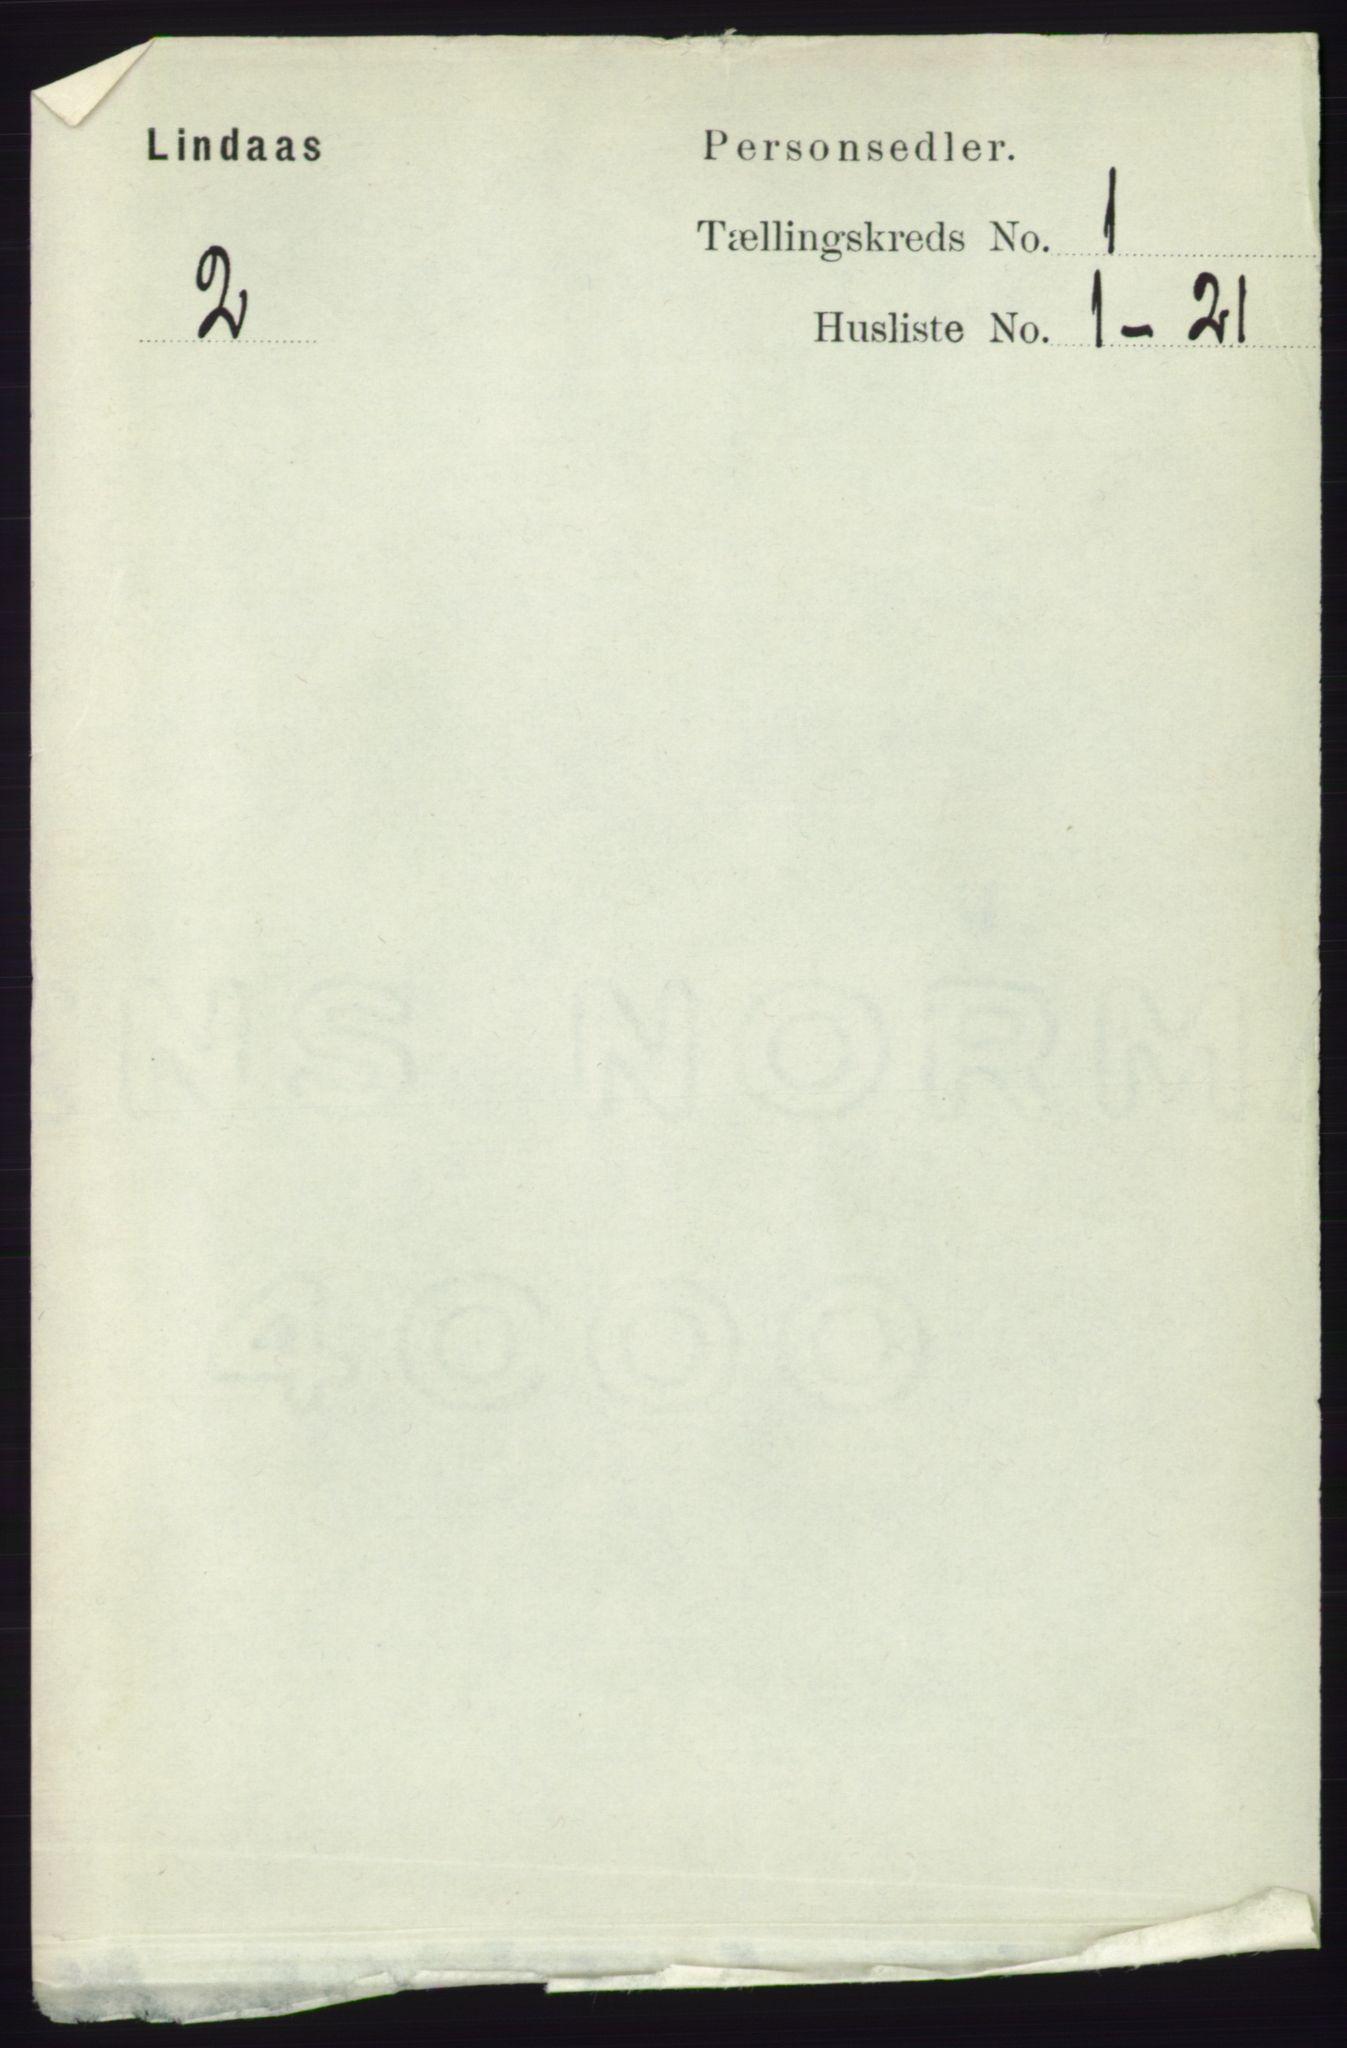 RA, Folketelling 1891 for 1263 Lindås herred, 1891, s. 91